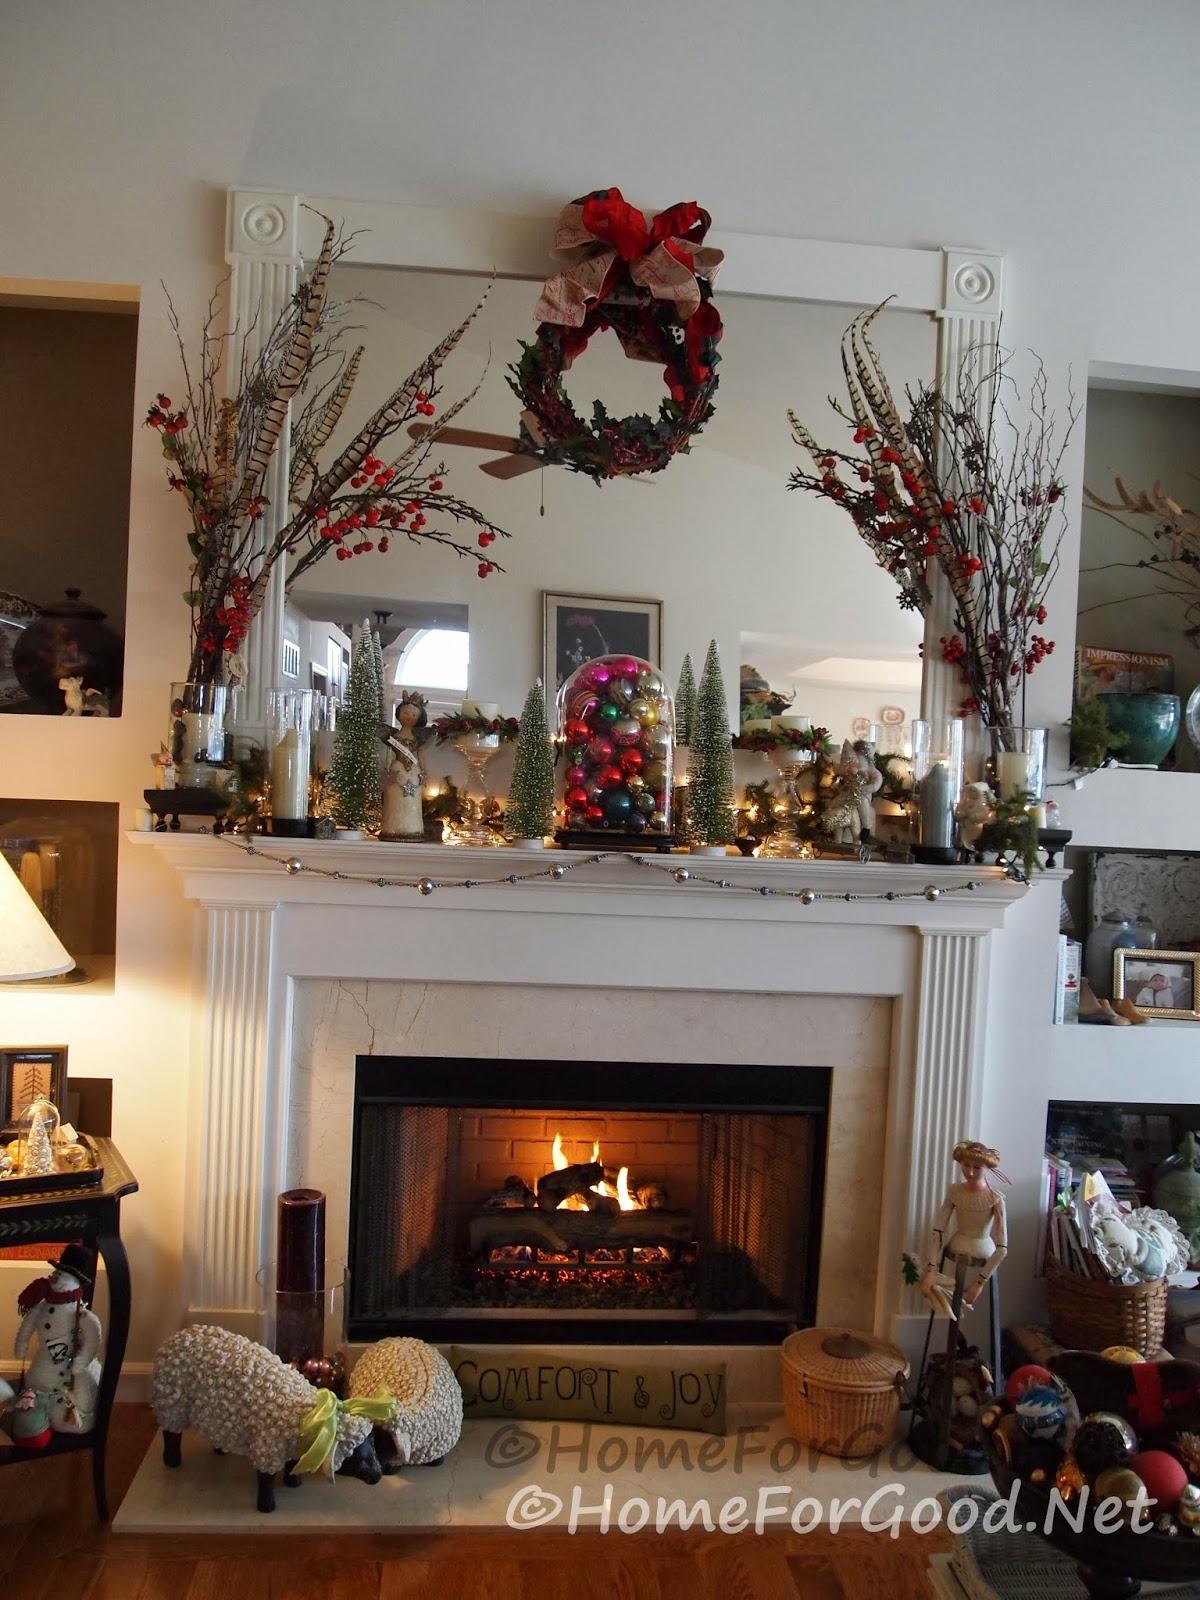 linda shields home for good december 2013